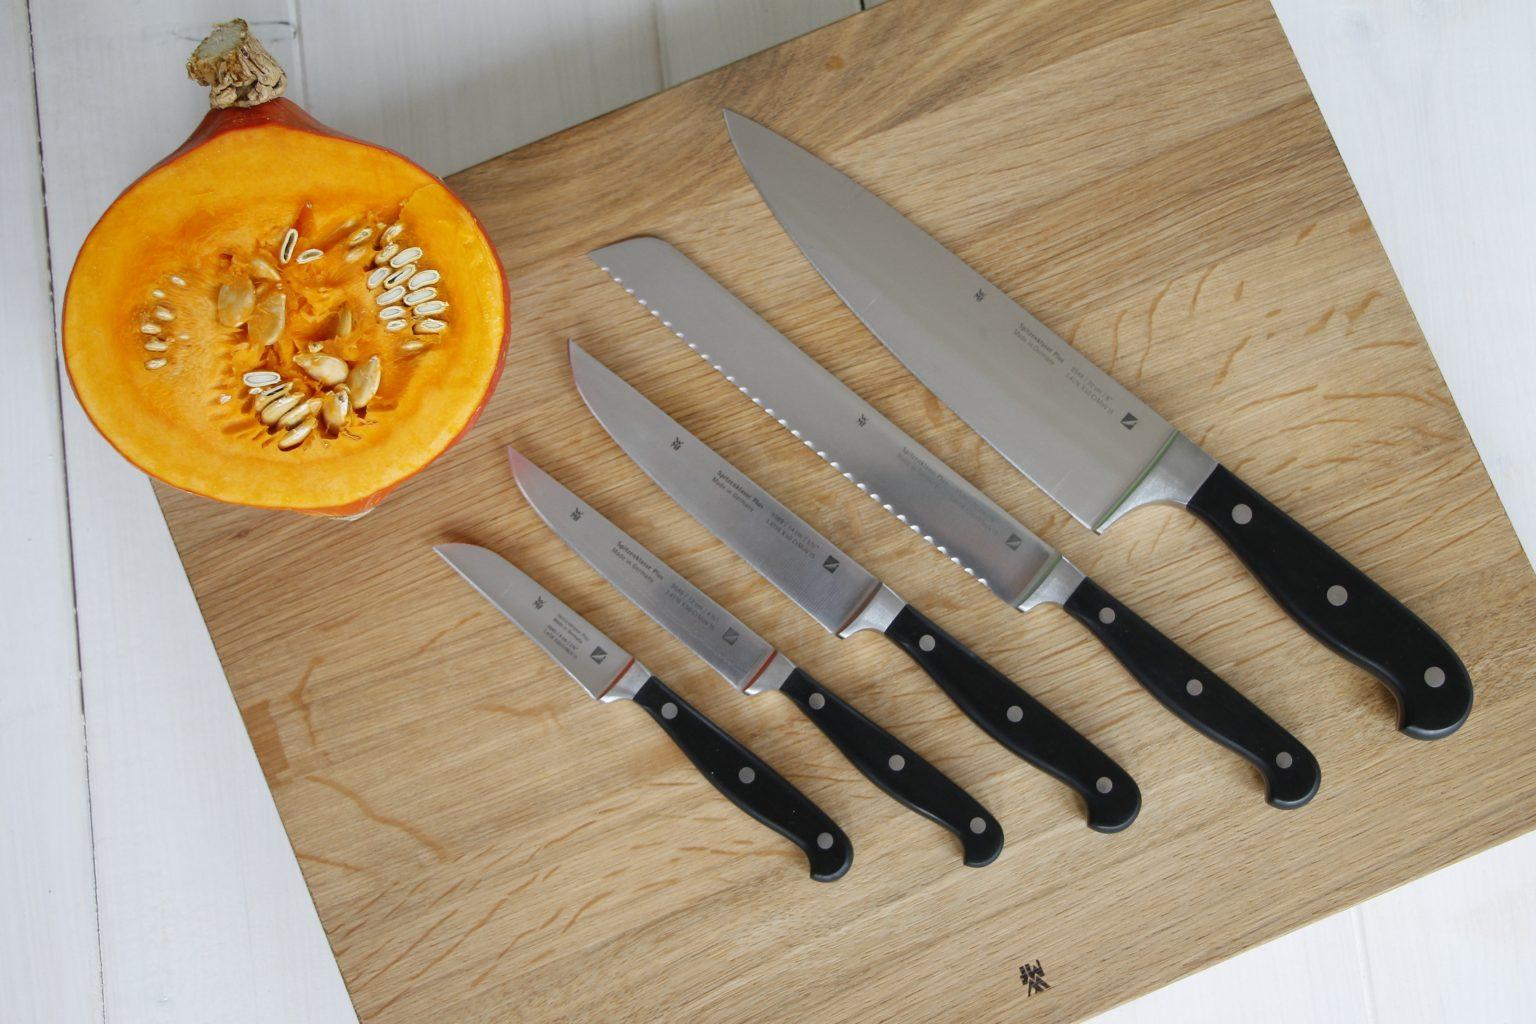 WMF Küchenmesser Spitzenklasse Plus